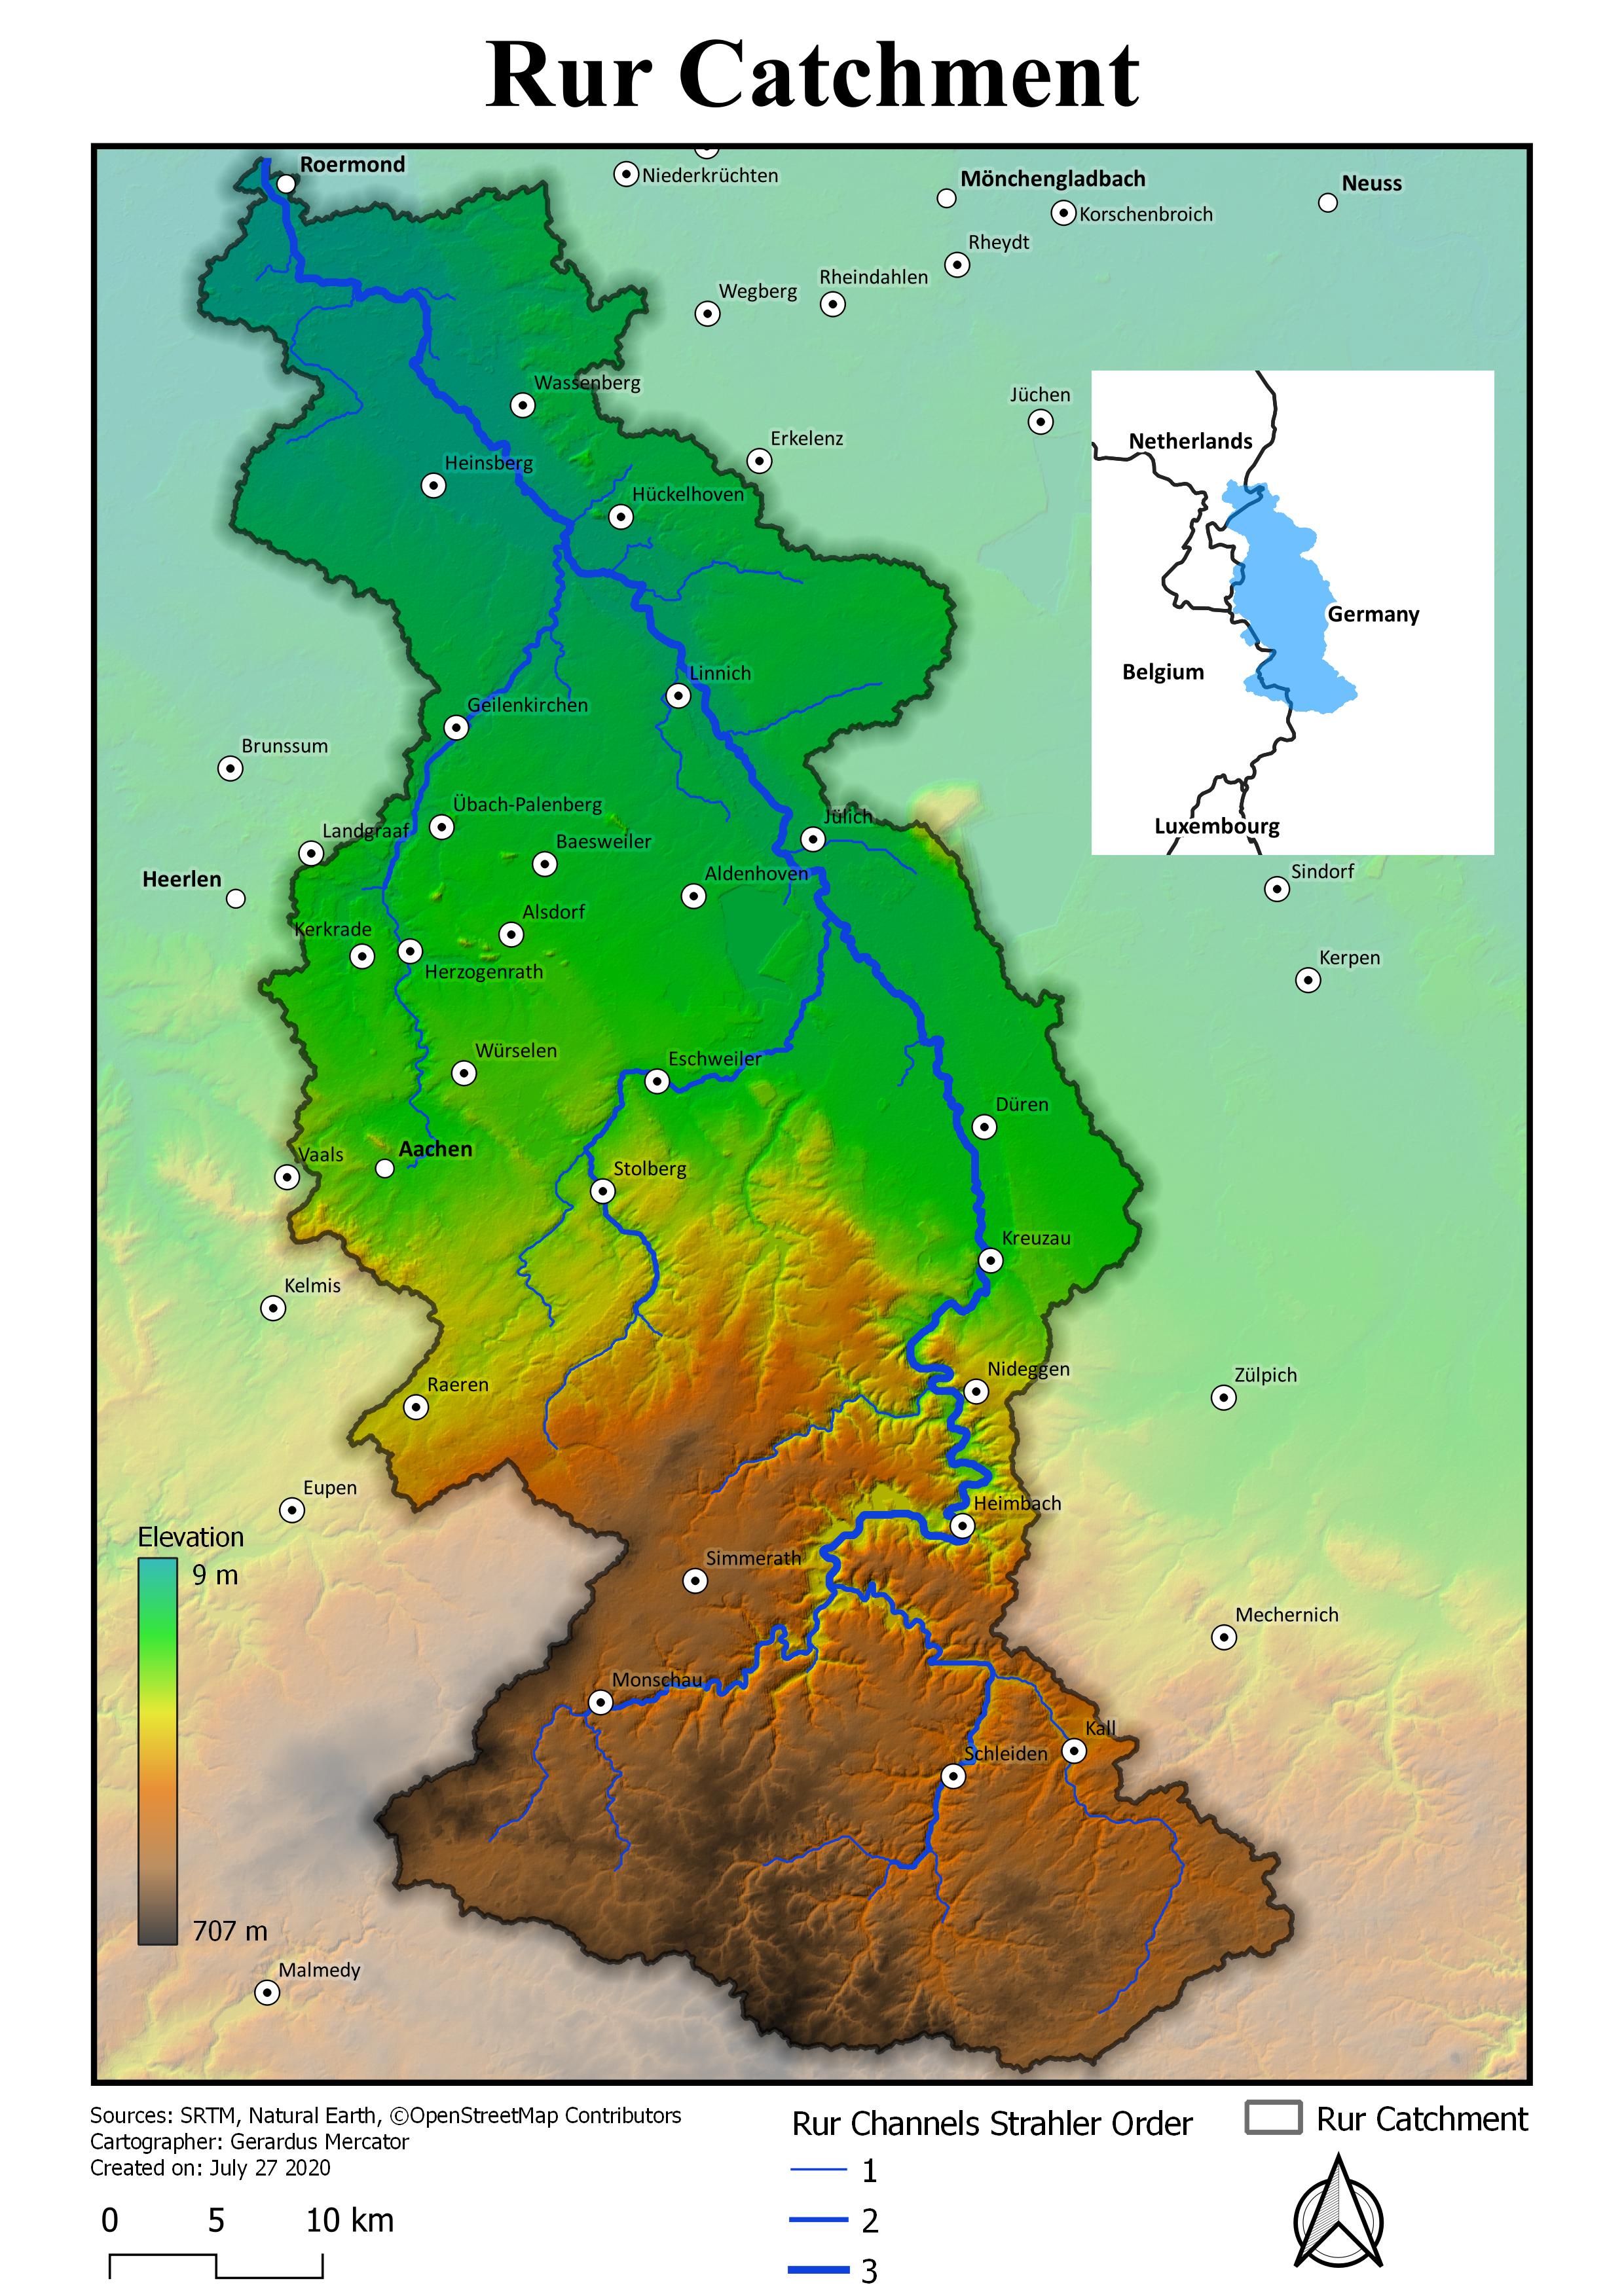 Rur catchment final map